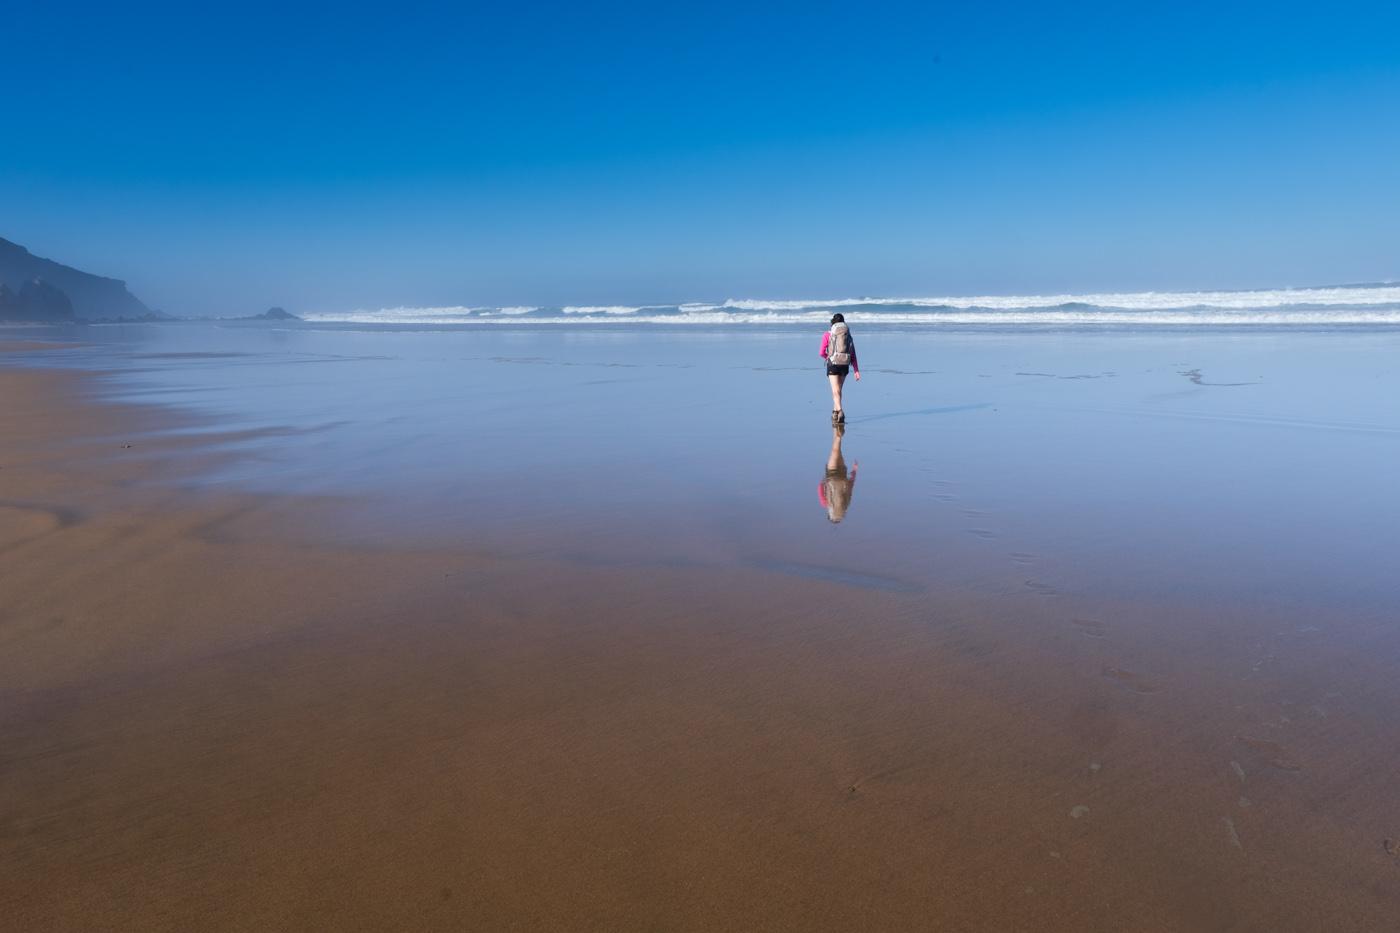 Rota Vicentina cammino a piedi Portogallo sentiero dei pescatori camminare